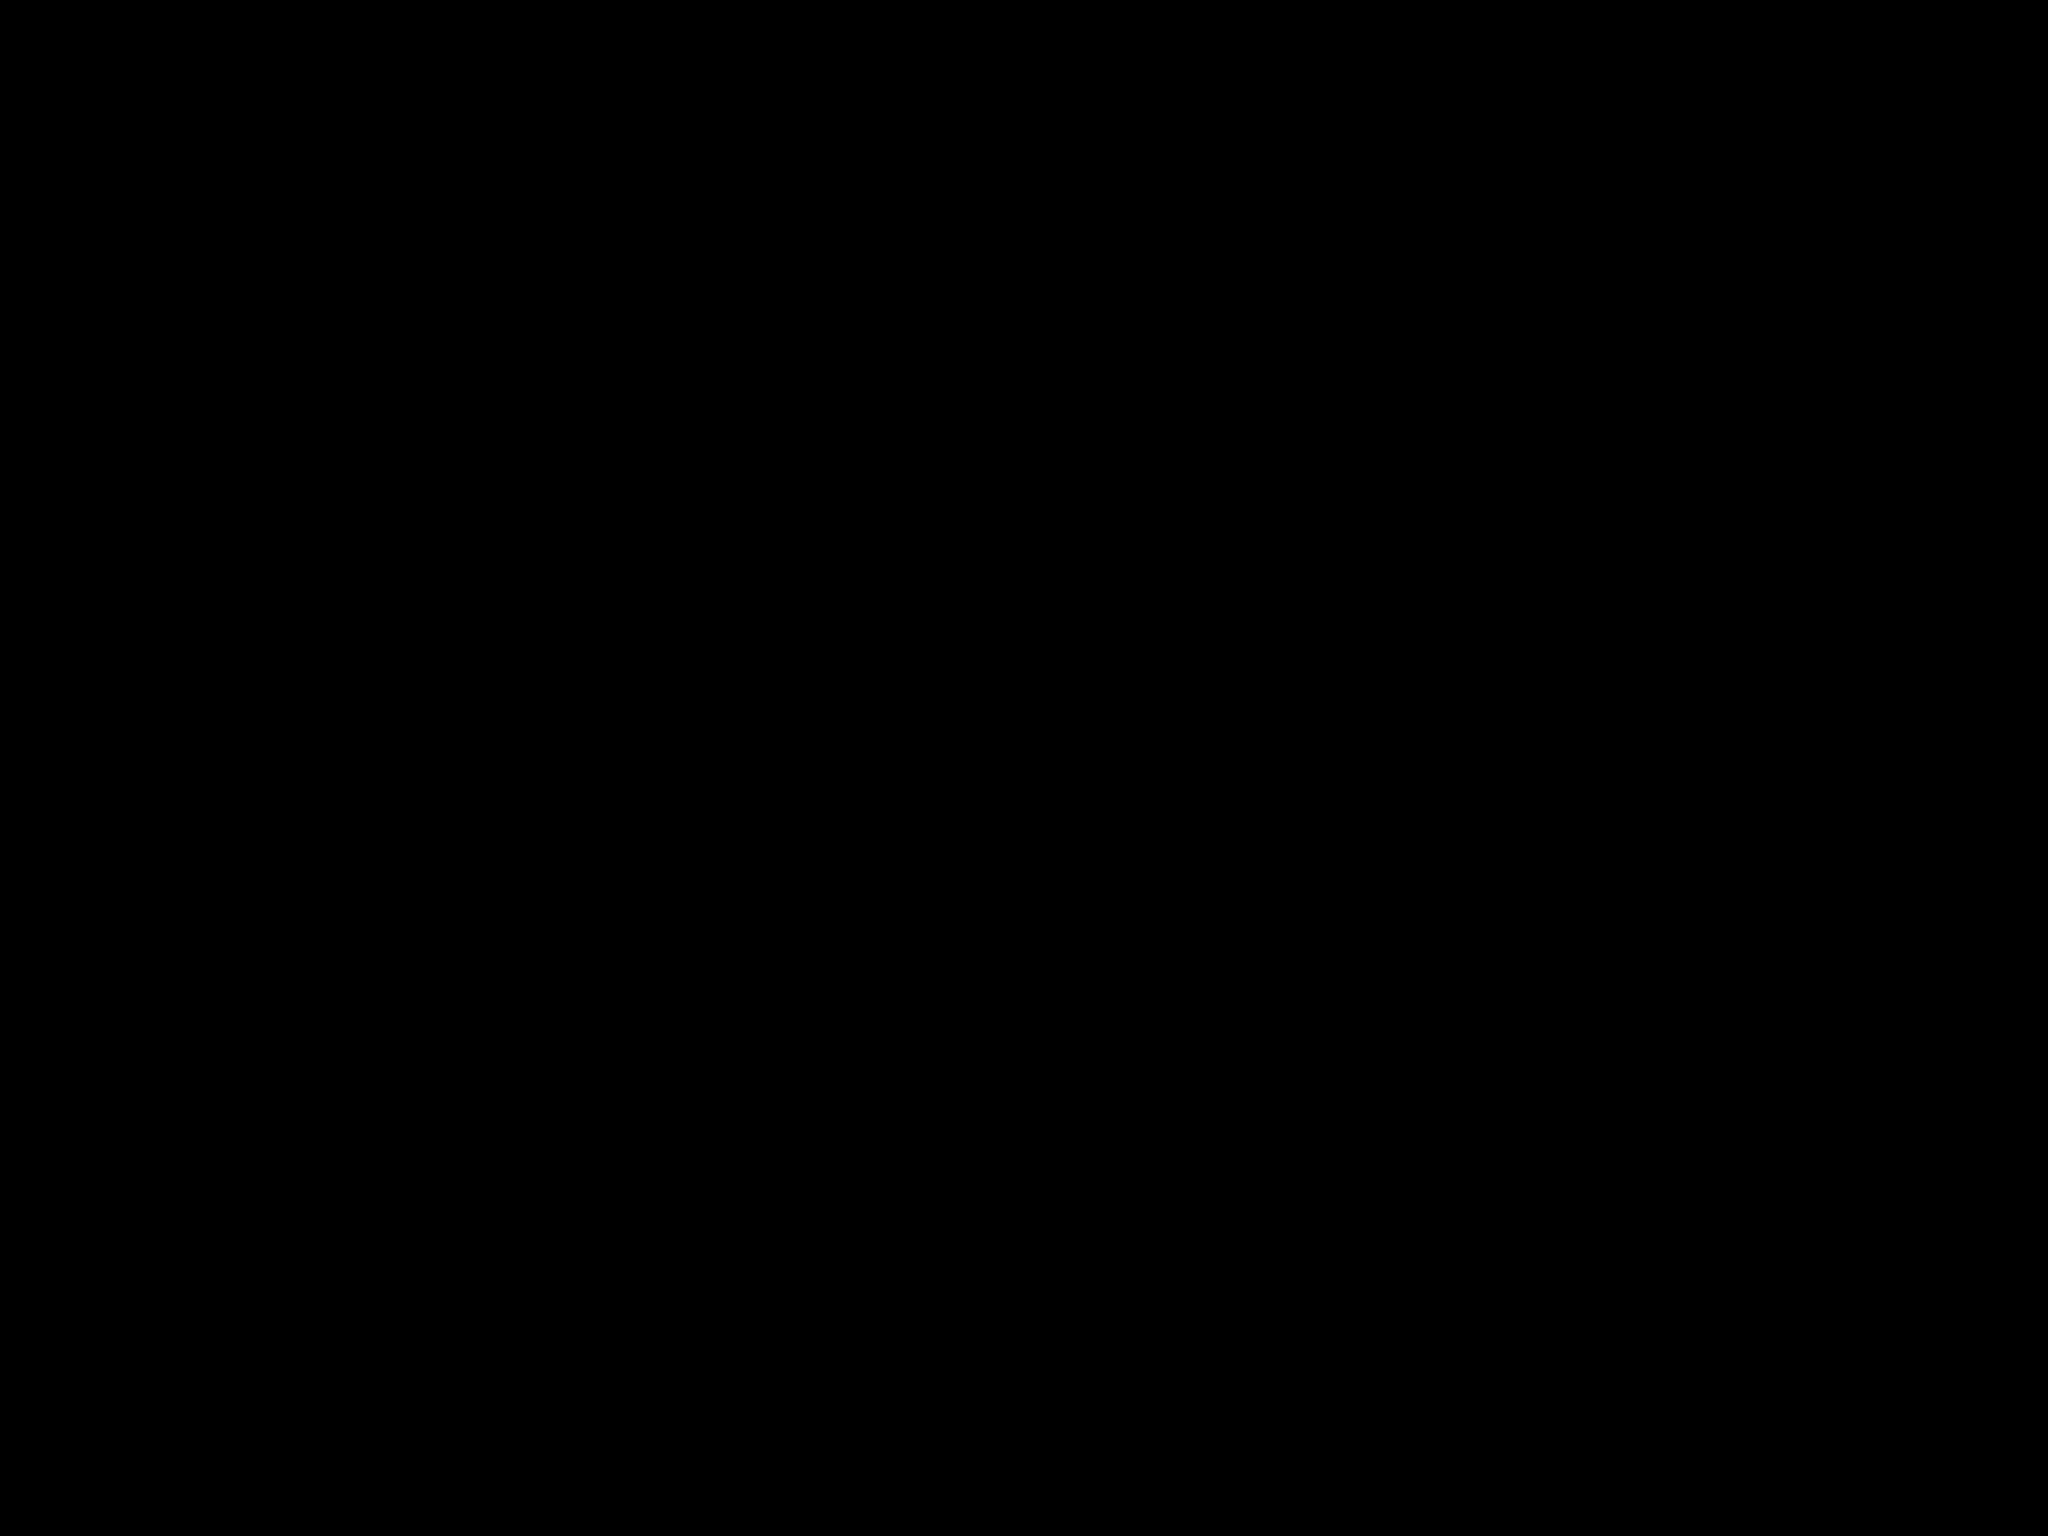 a4ae8a9b-959c-4d24-8122-8b49296caedc.png